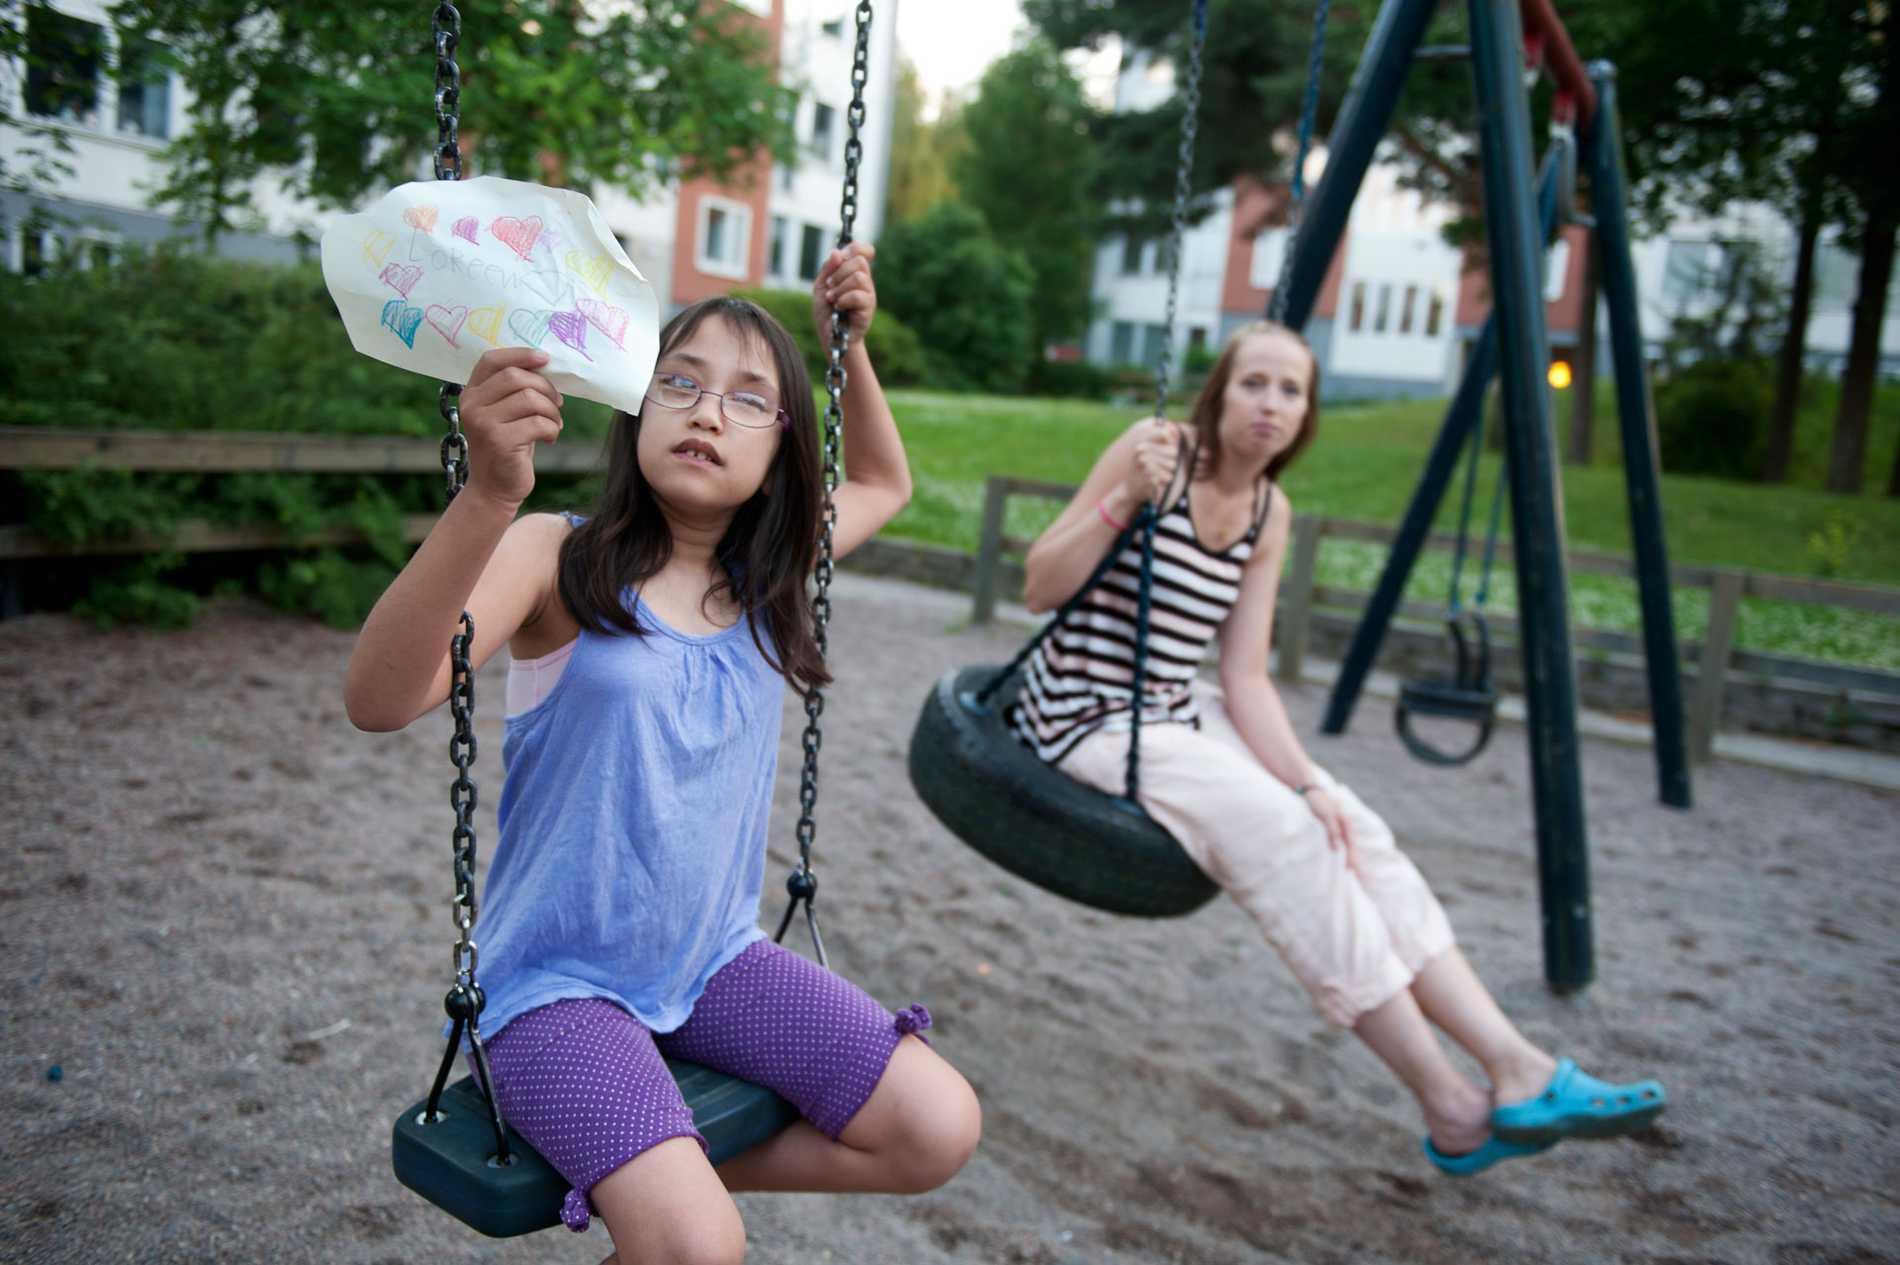 Therese Åström och hennes dotter Leah har fått biljetter till Allsången.